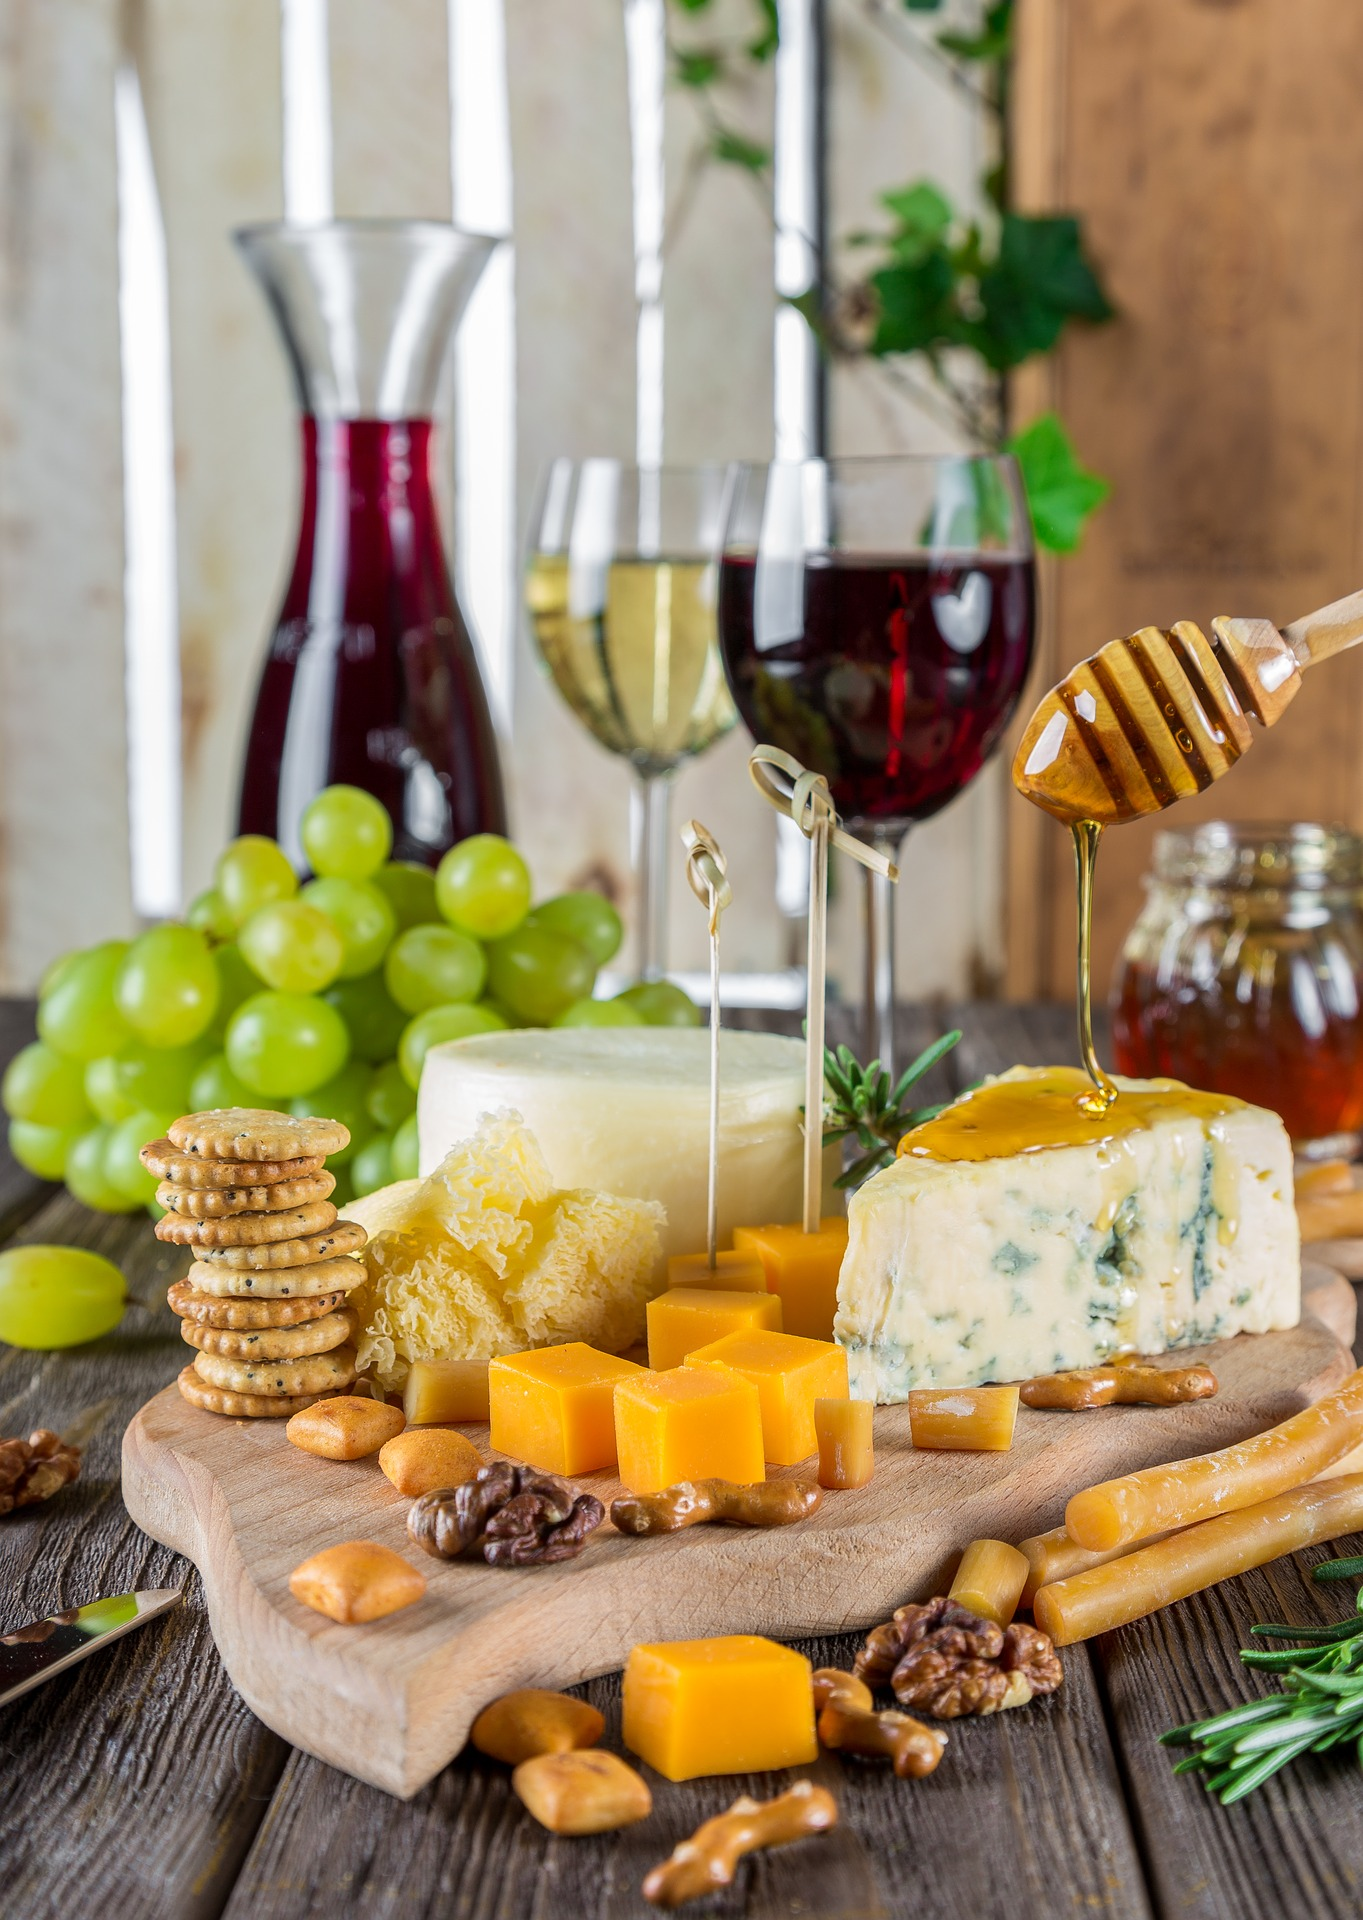 11.04.2018 - Wein + Häppchen mit Sidi die 2.